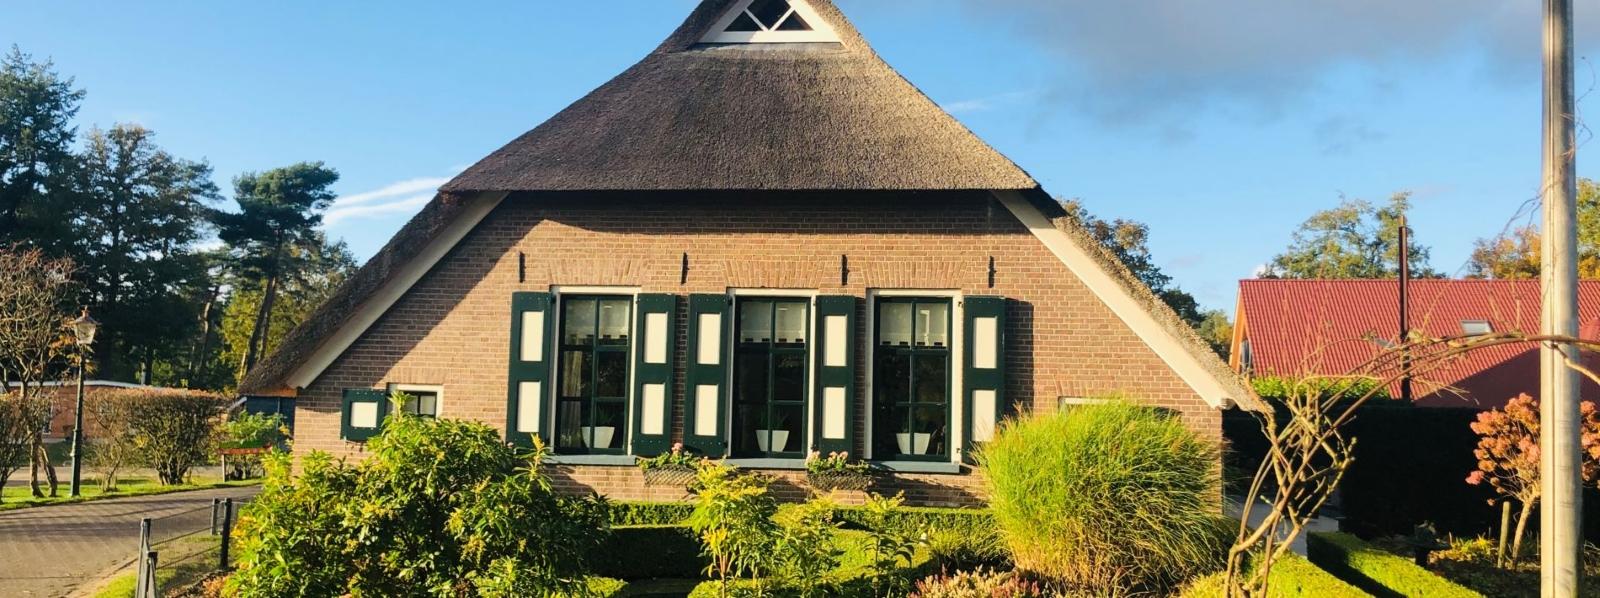 Supertrips - Gave boerderij overnachting in Overijssel